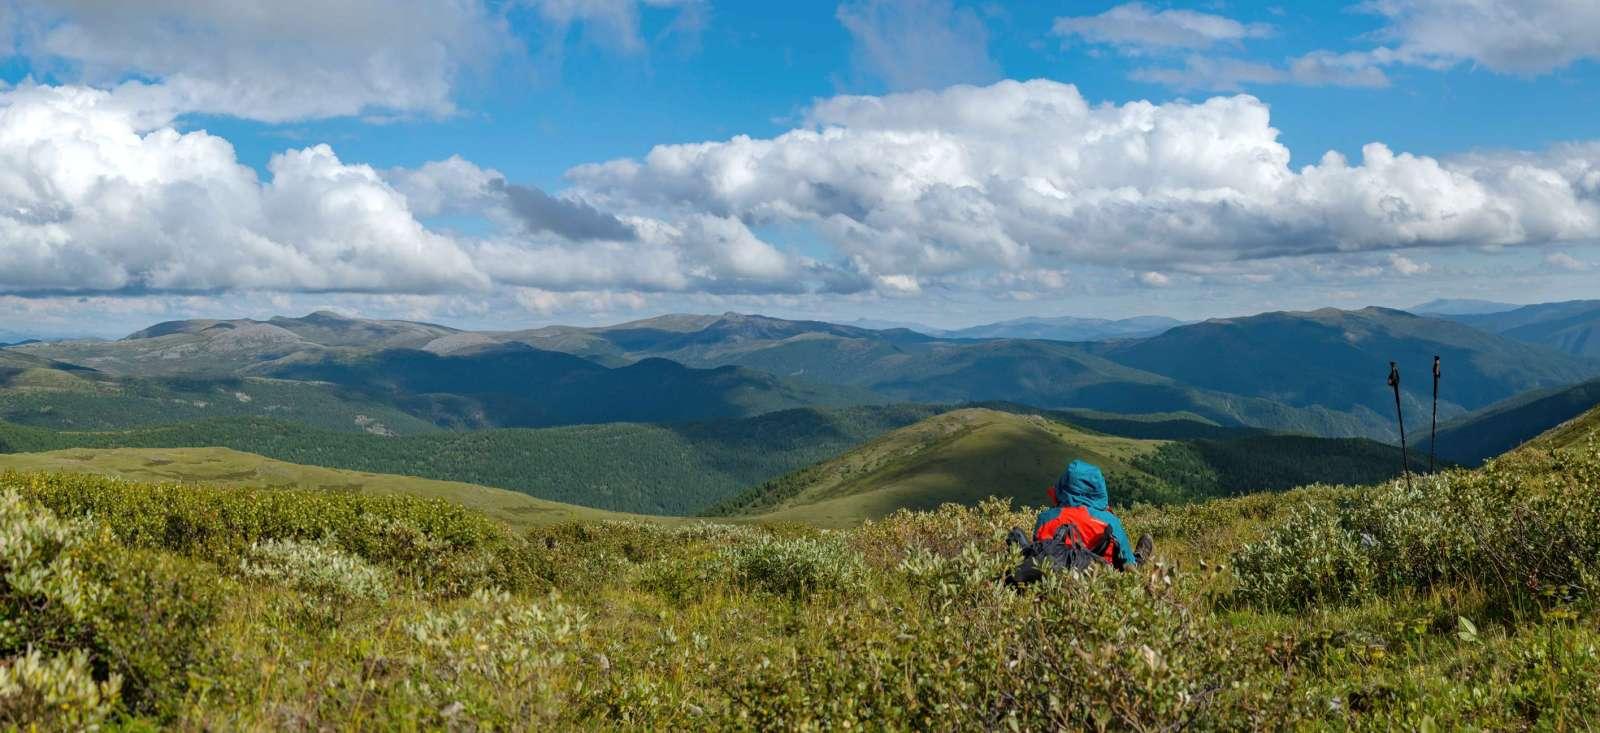 Voyage à pied : Altaï russe, le petit trek qui monte